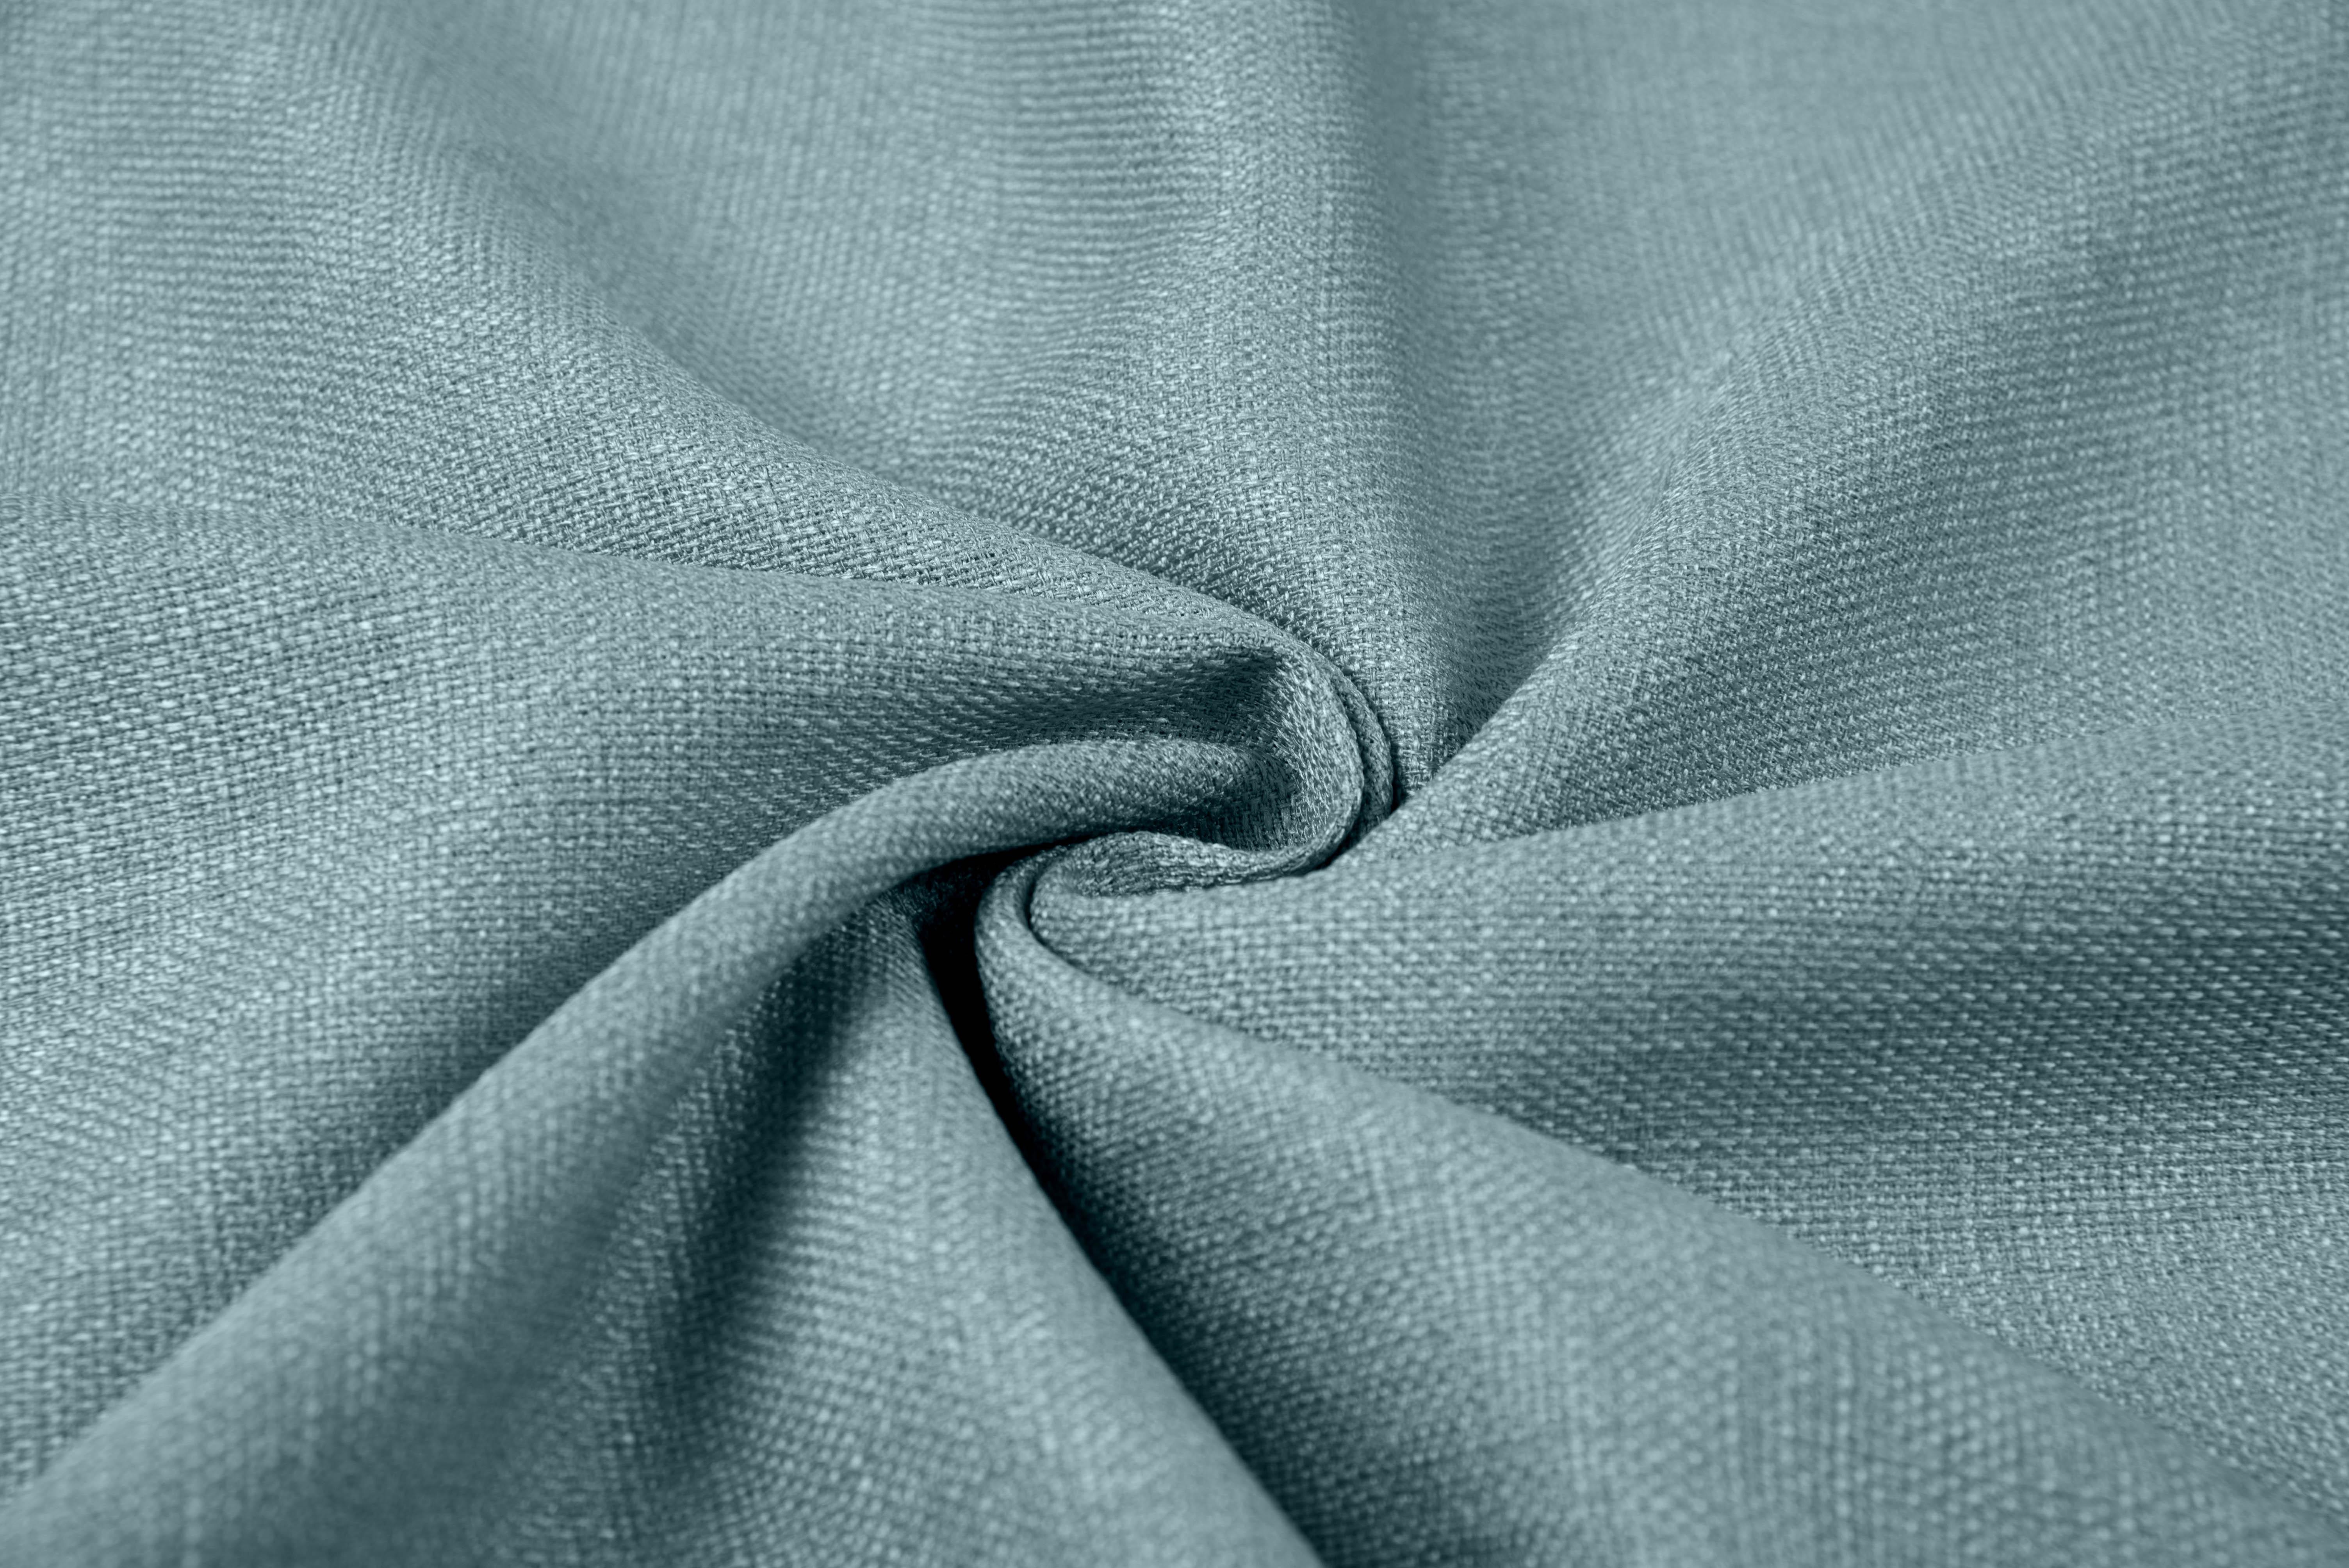 {} TexRepublic Материал Портьерная ткань Tough Цвет: Бирюзовый texrepublic материал портьерная ткань tough цвет зеленый